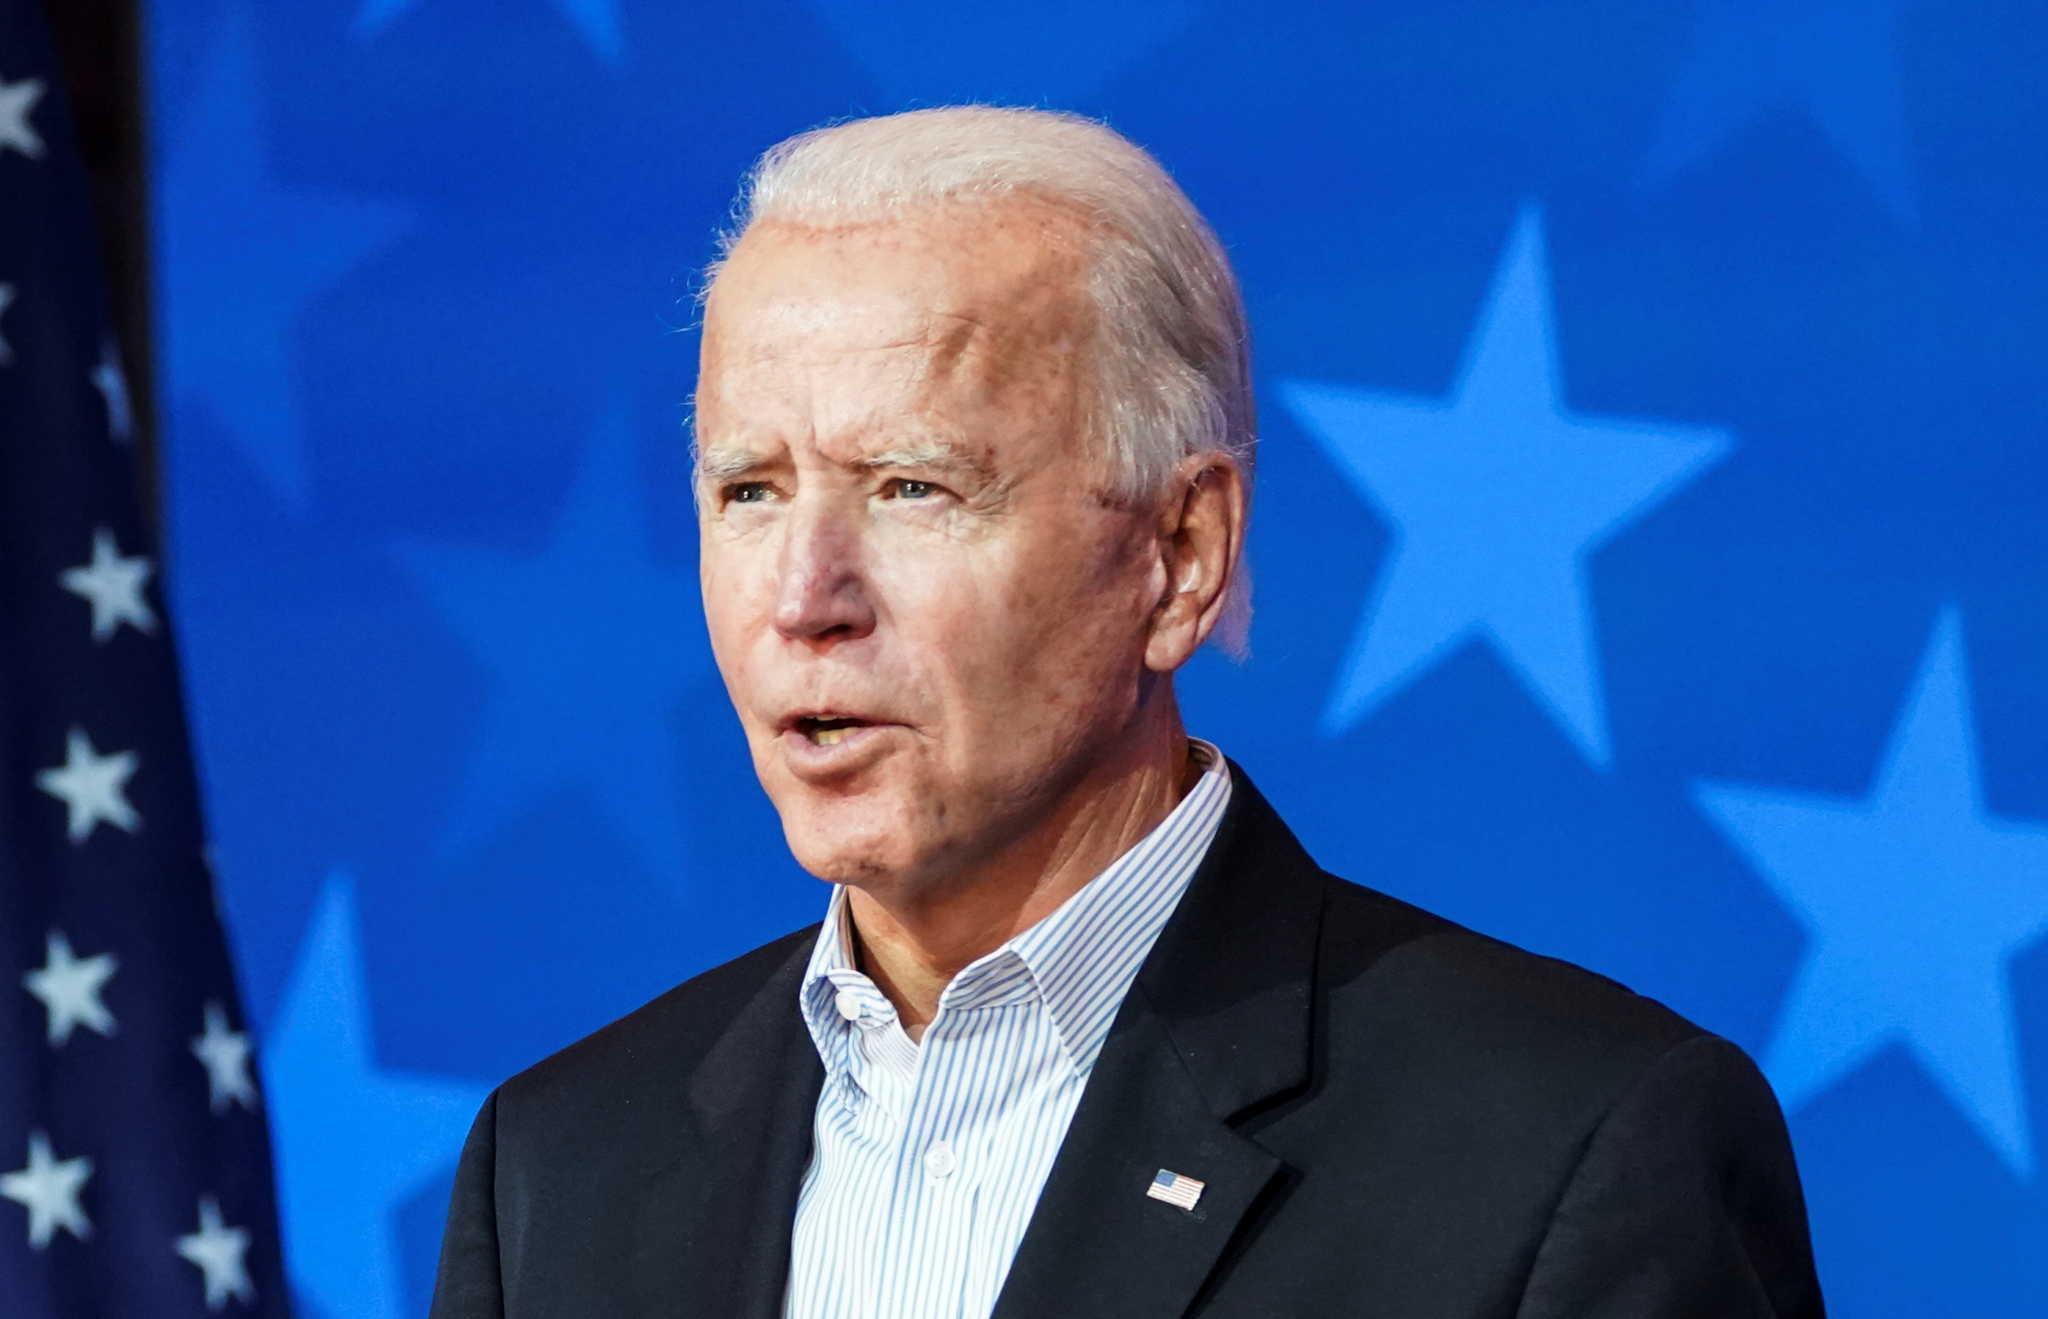 Αμερικανικές εκλογές: Είναι επίσημο! Νέος πρόεδρος των ΗΠΑ ο Τζο Μπάιντεν